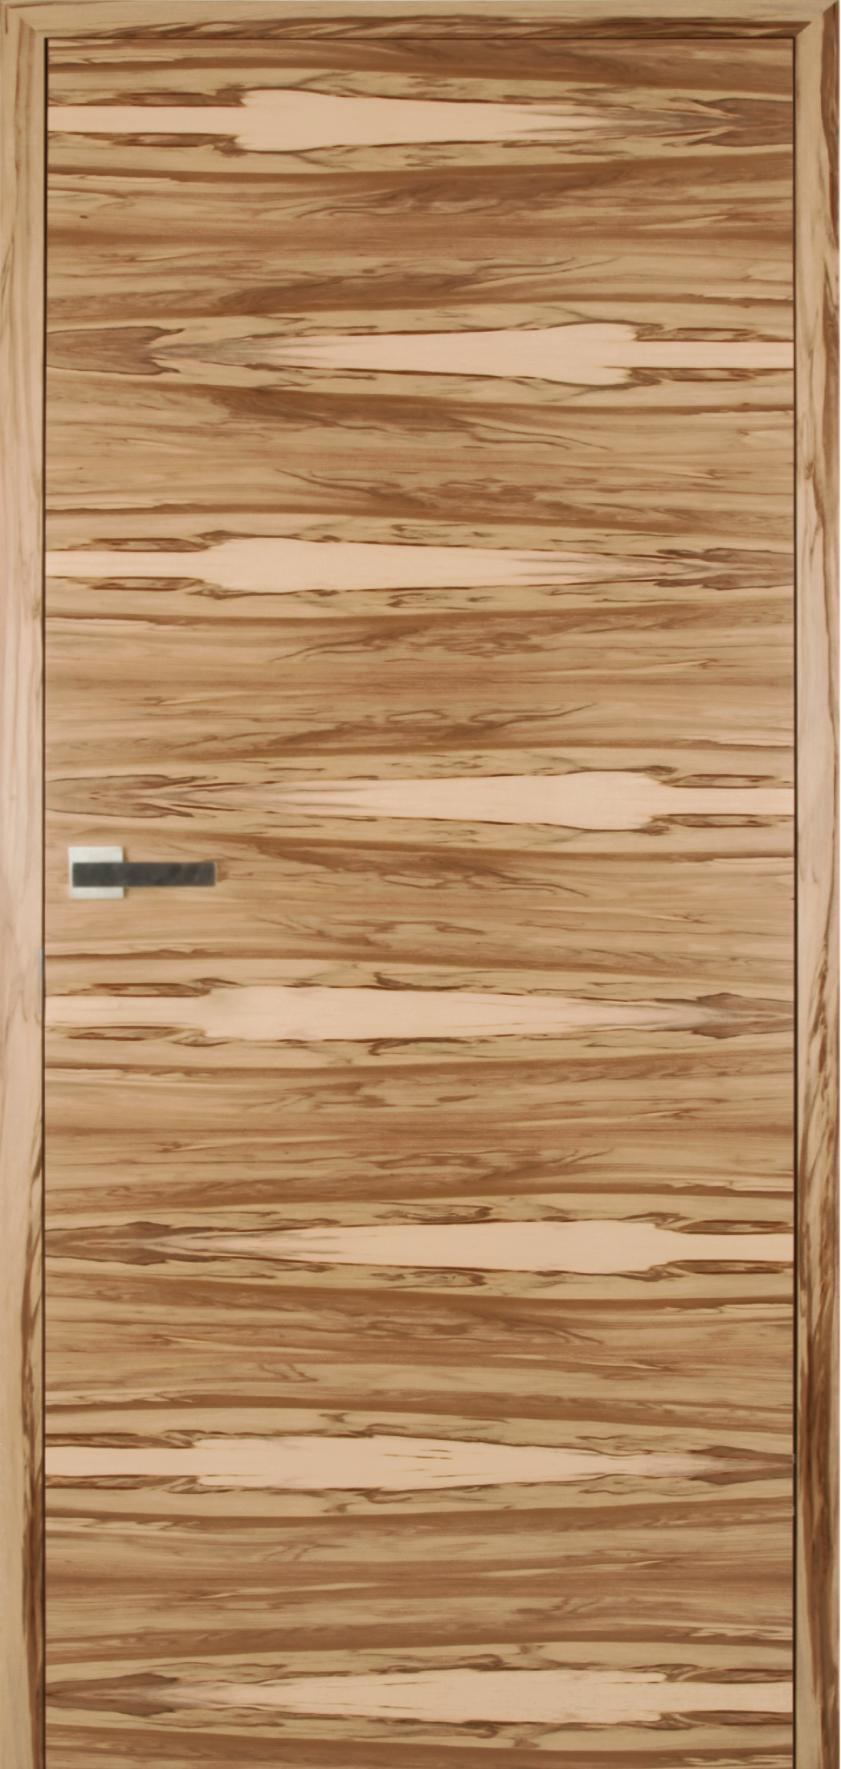 modernes echtholzt relement exklusiv horizont satin walnut von herholz. Black Bedroom Furniture Sets. Home Design Ideas